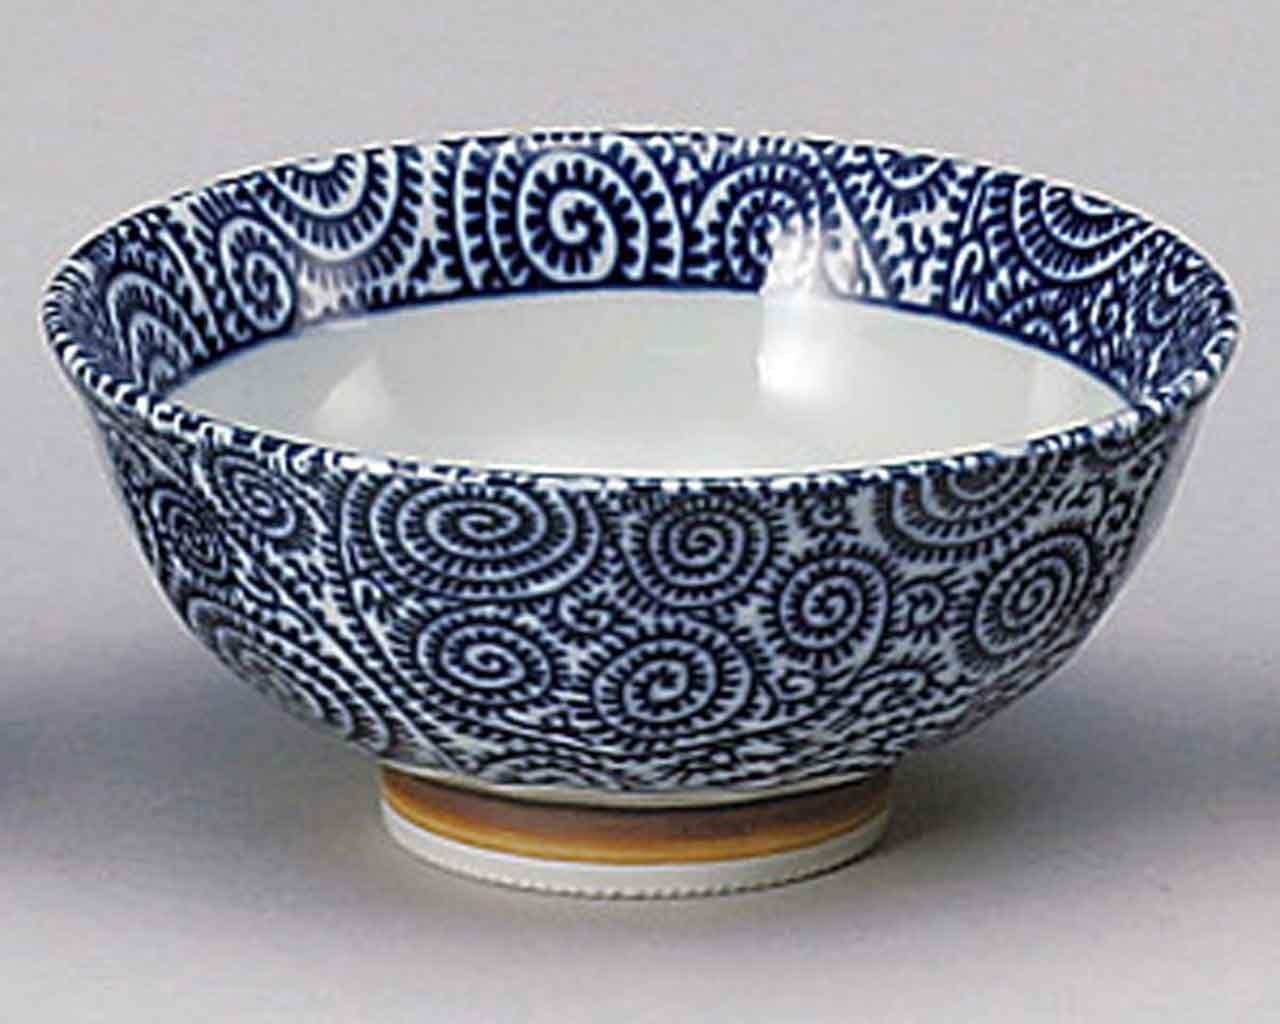 Karakusa 14cm Ramen-Bowl White Porcelain Made in Japan